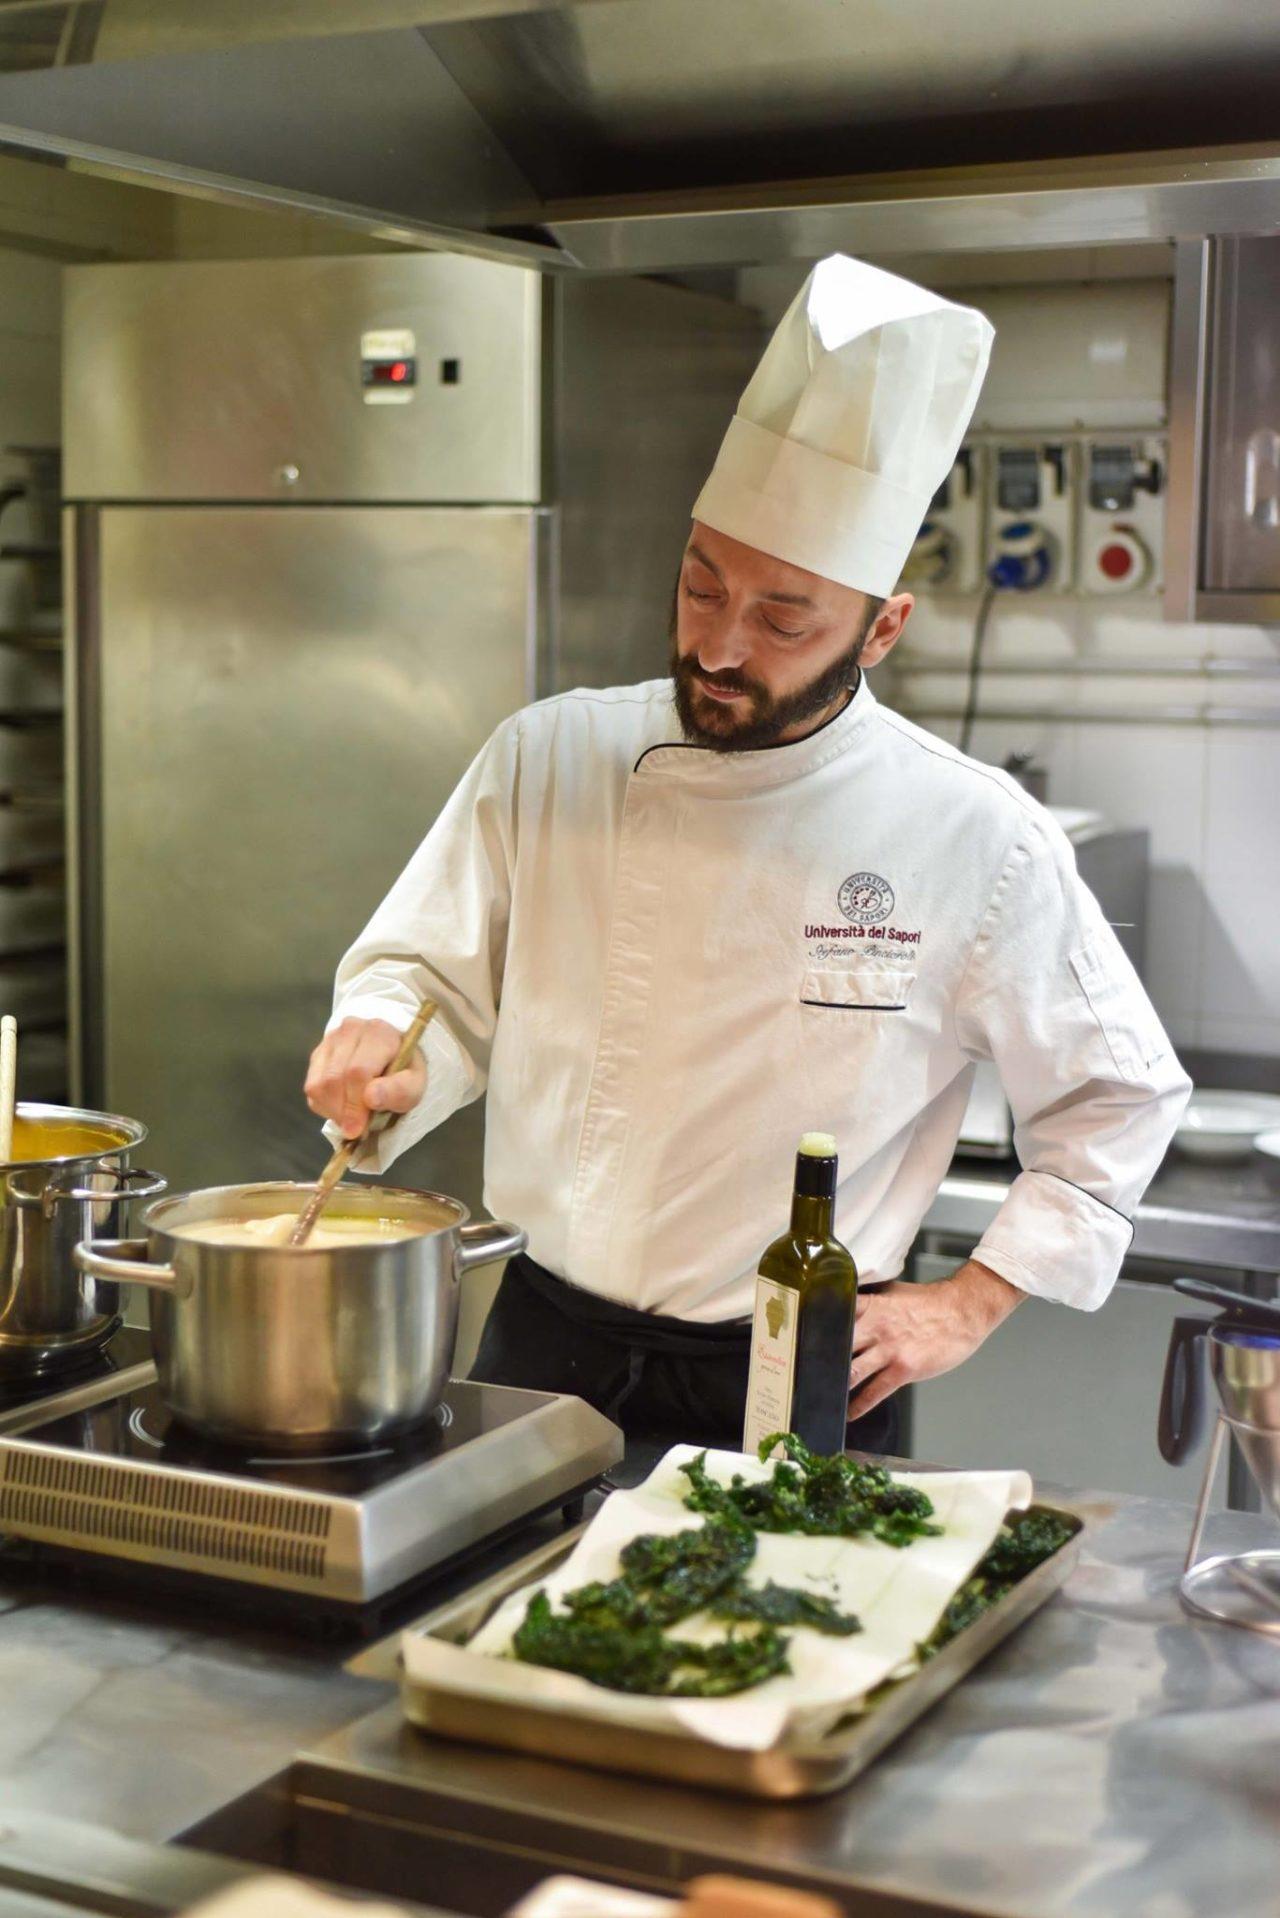 Stefano pinciaroli Olio extravergine di oliva miglior chef